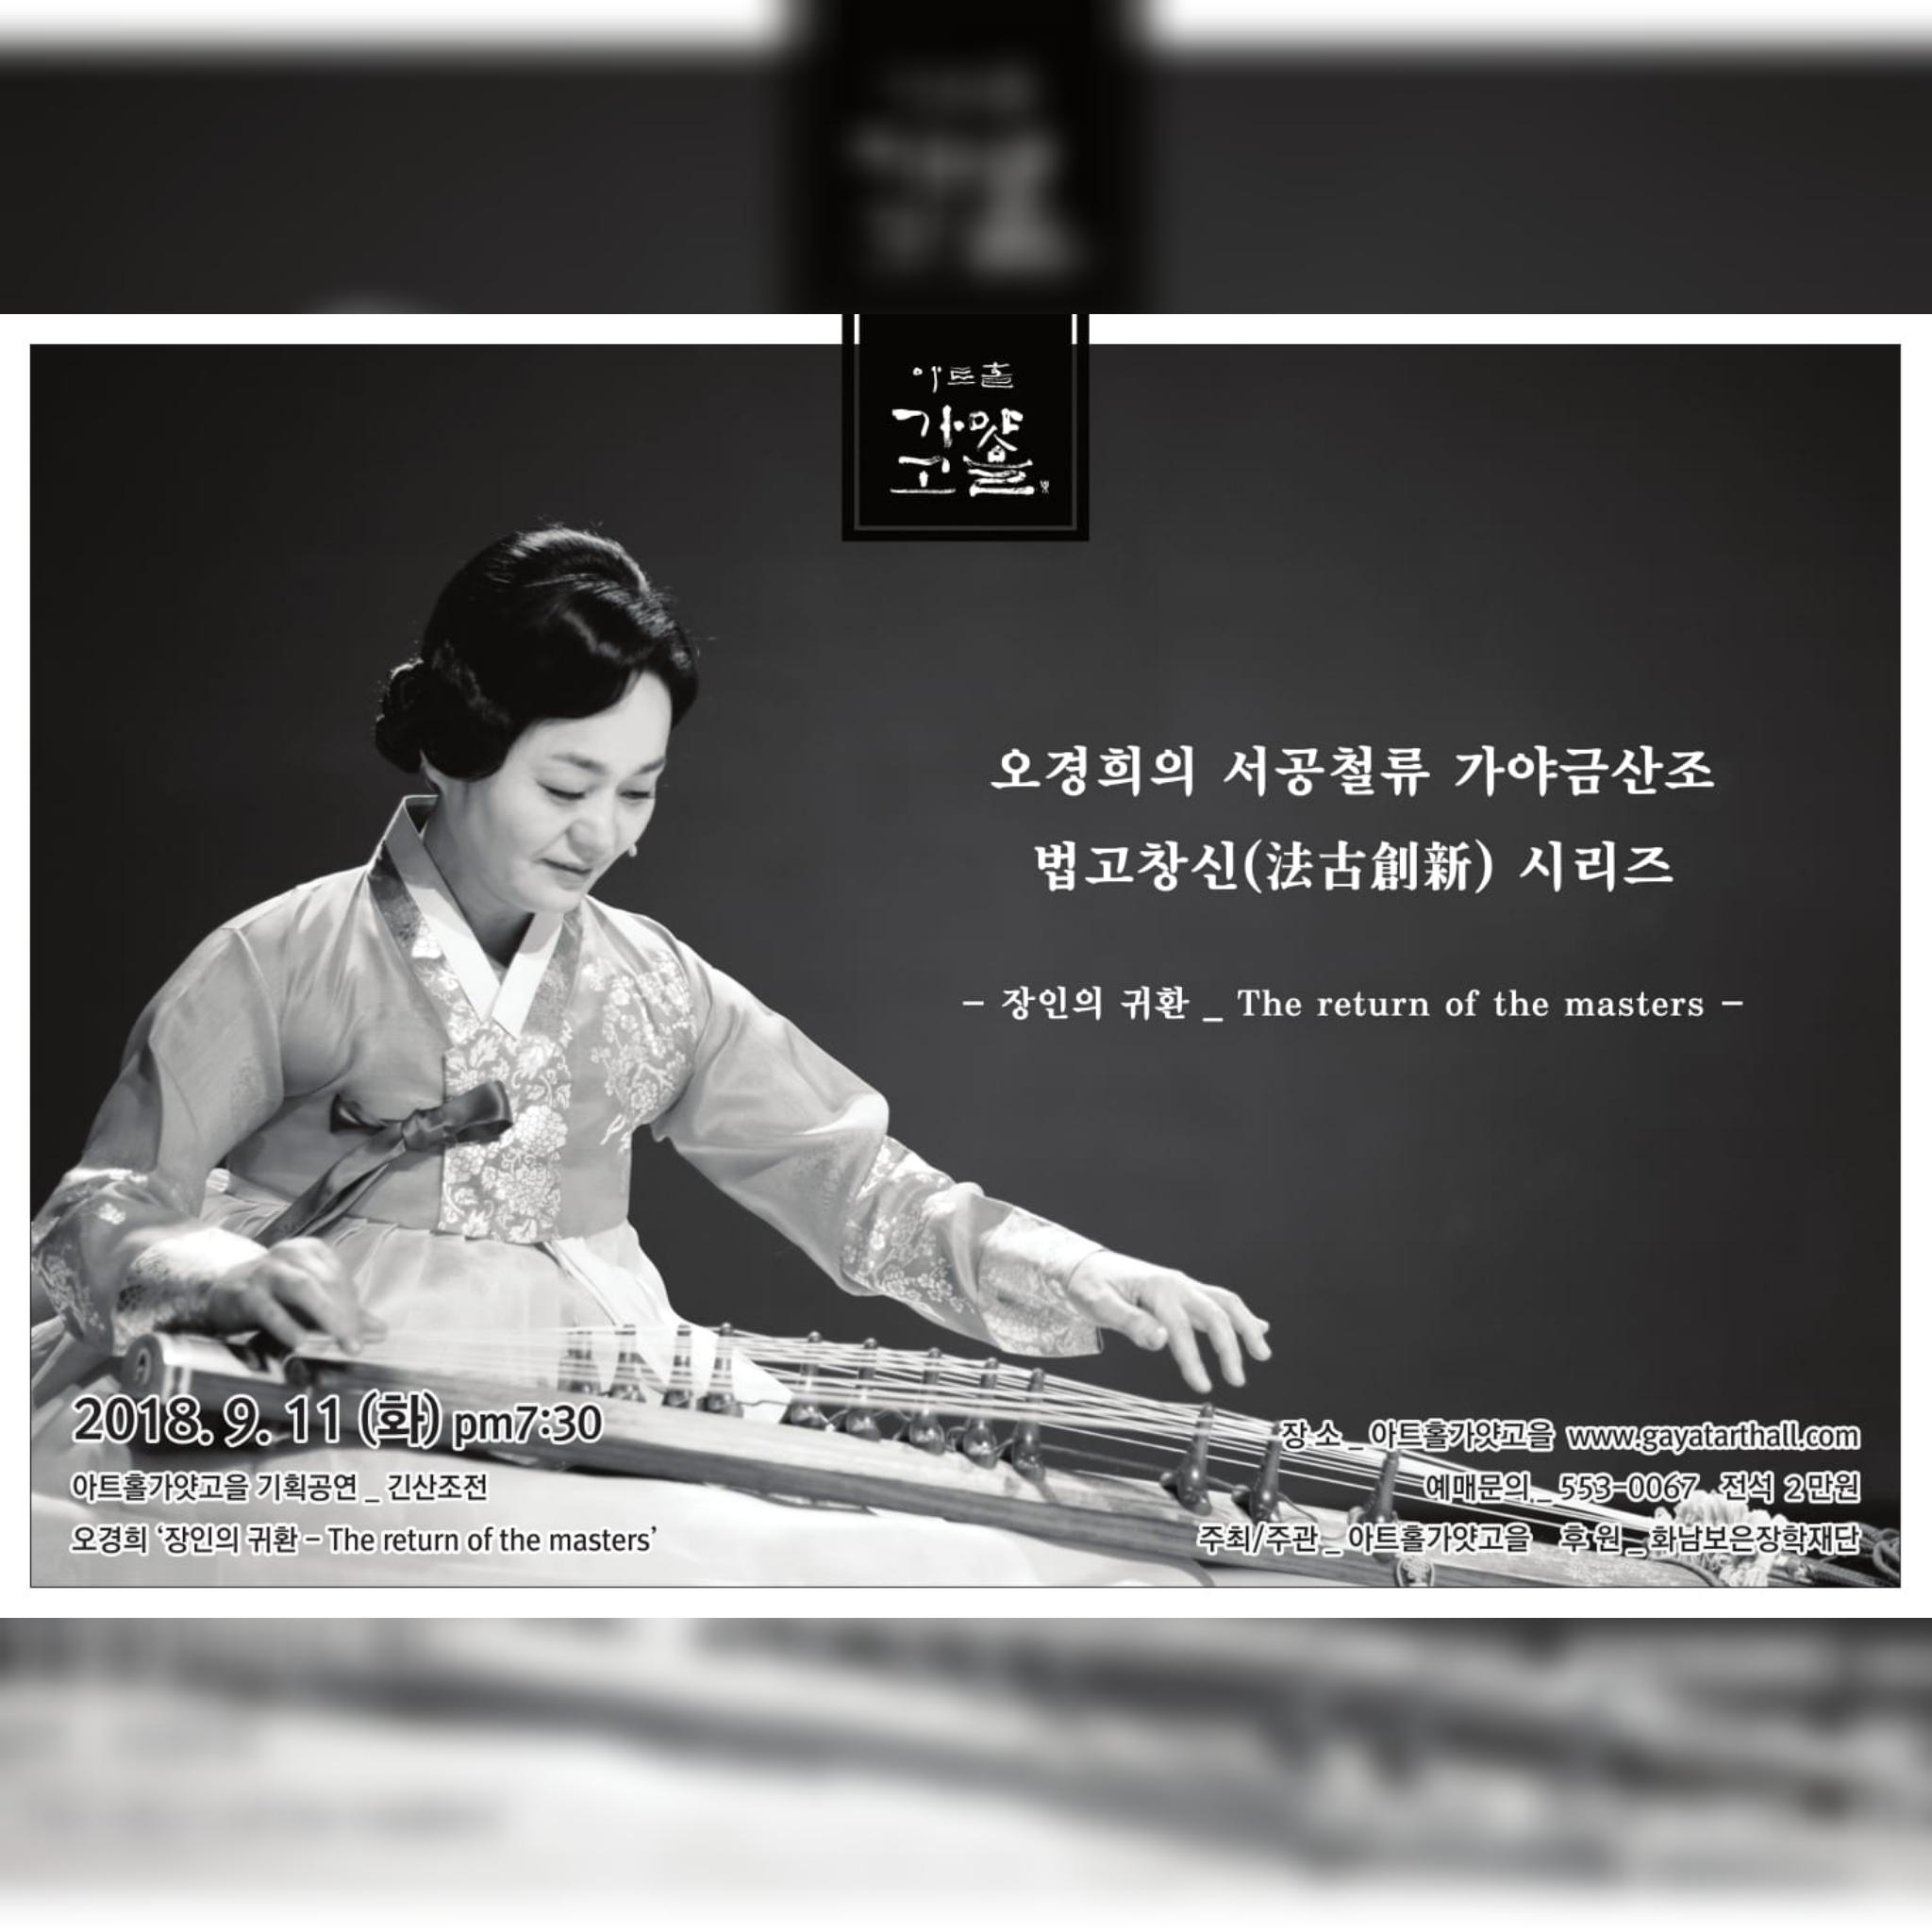 2018 아트홀가얏고을 가을시즌 기획공연 긴산조전 - 오경희 '장인의 귀환 - The return of the masters'